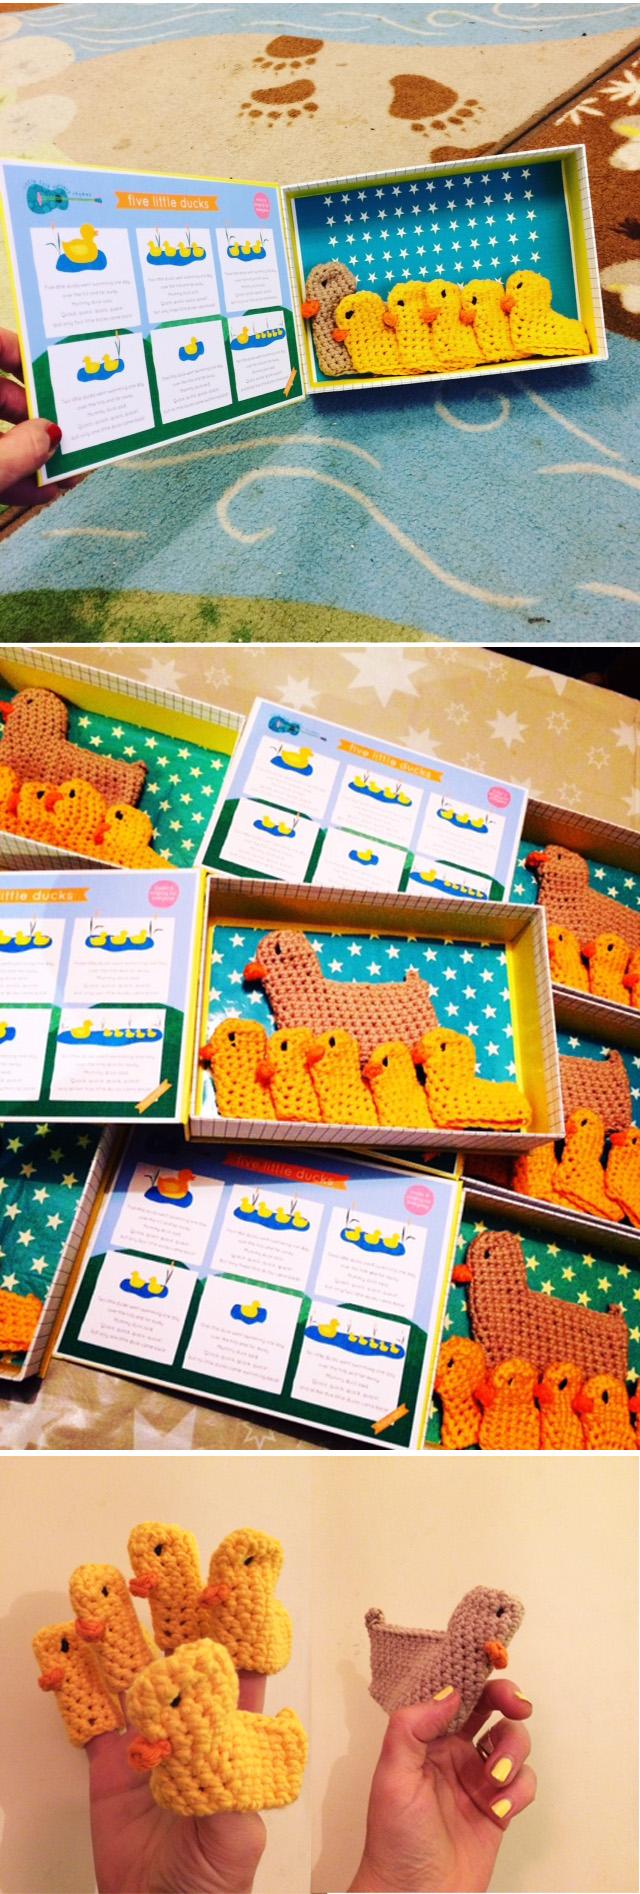 Gift Set.jpg